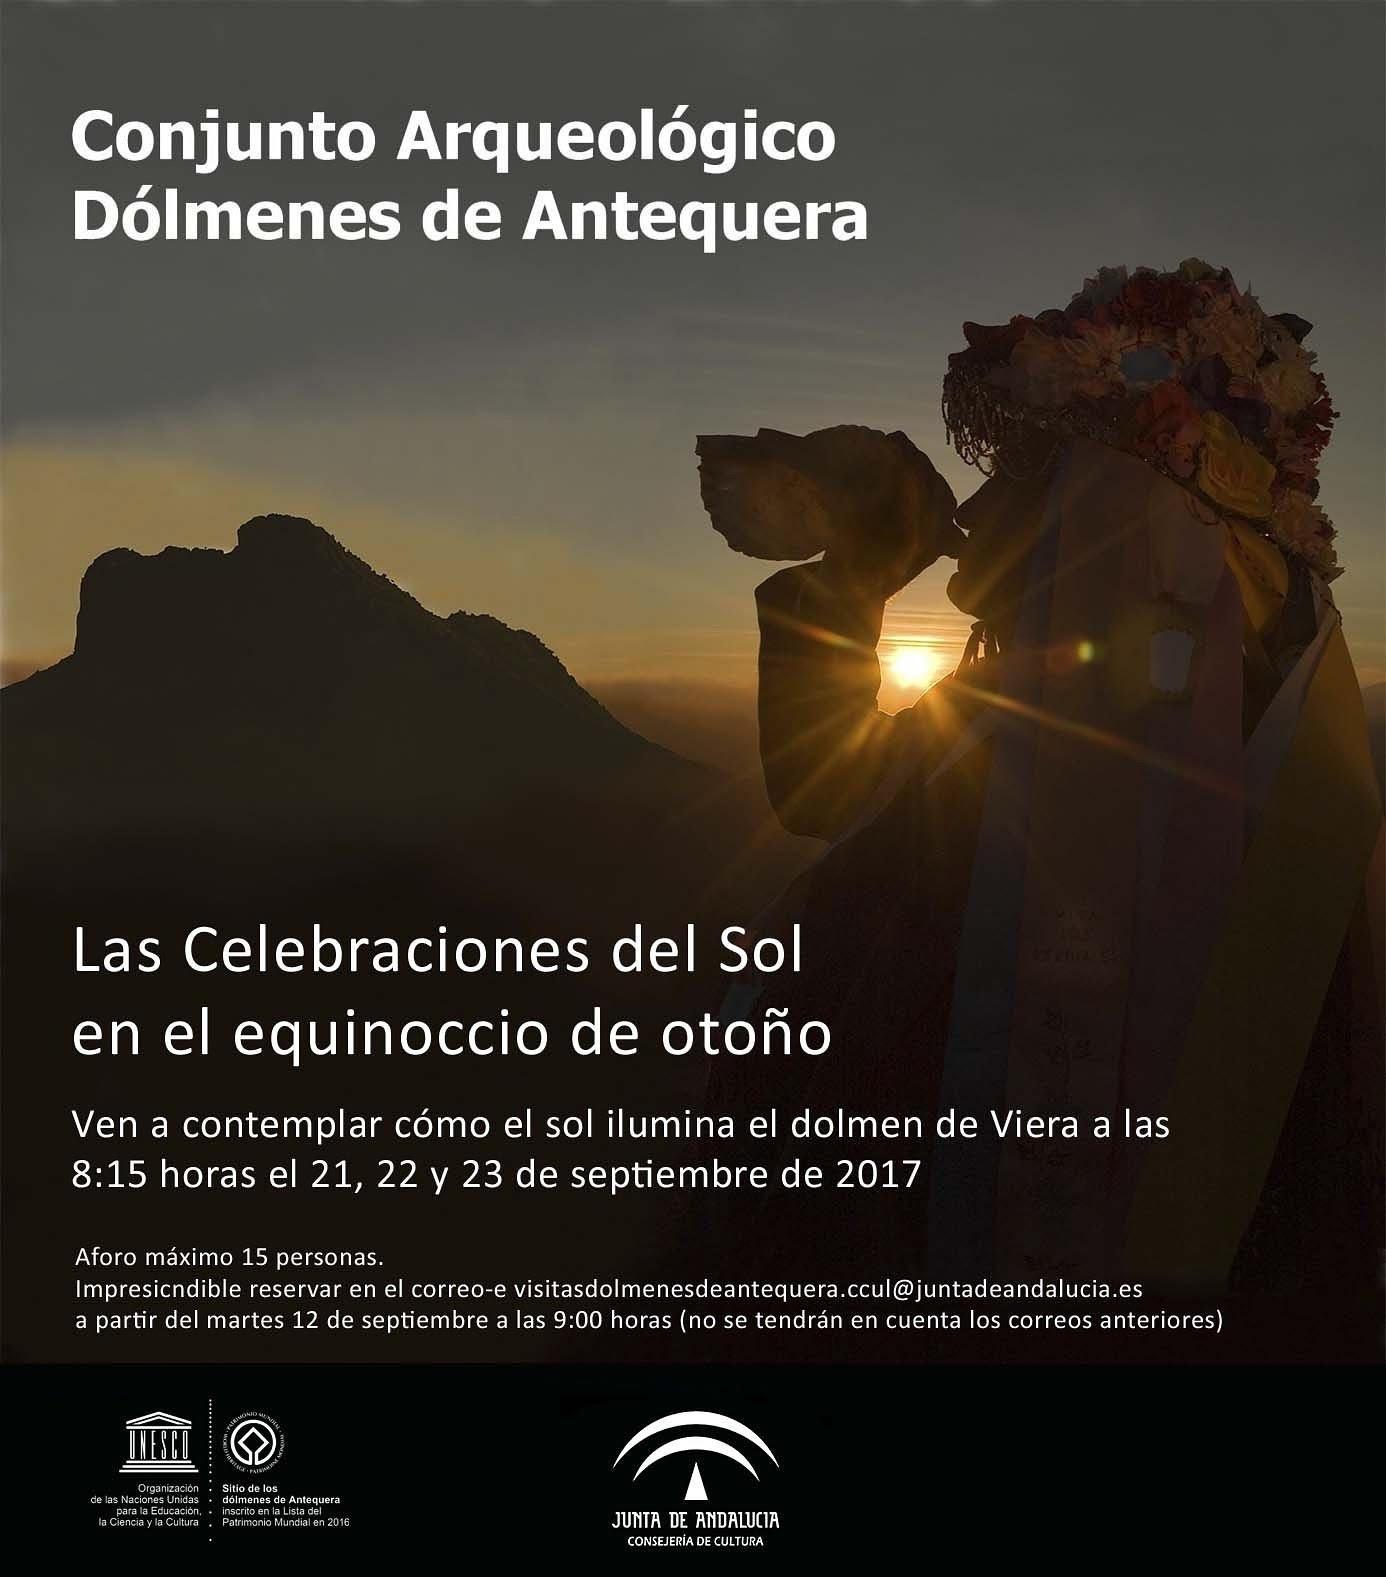 Equinoccio de Otoño en Dólmenes de Antequera (21,22y23.sep.2017)